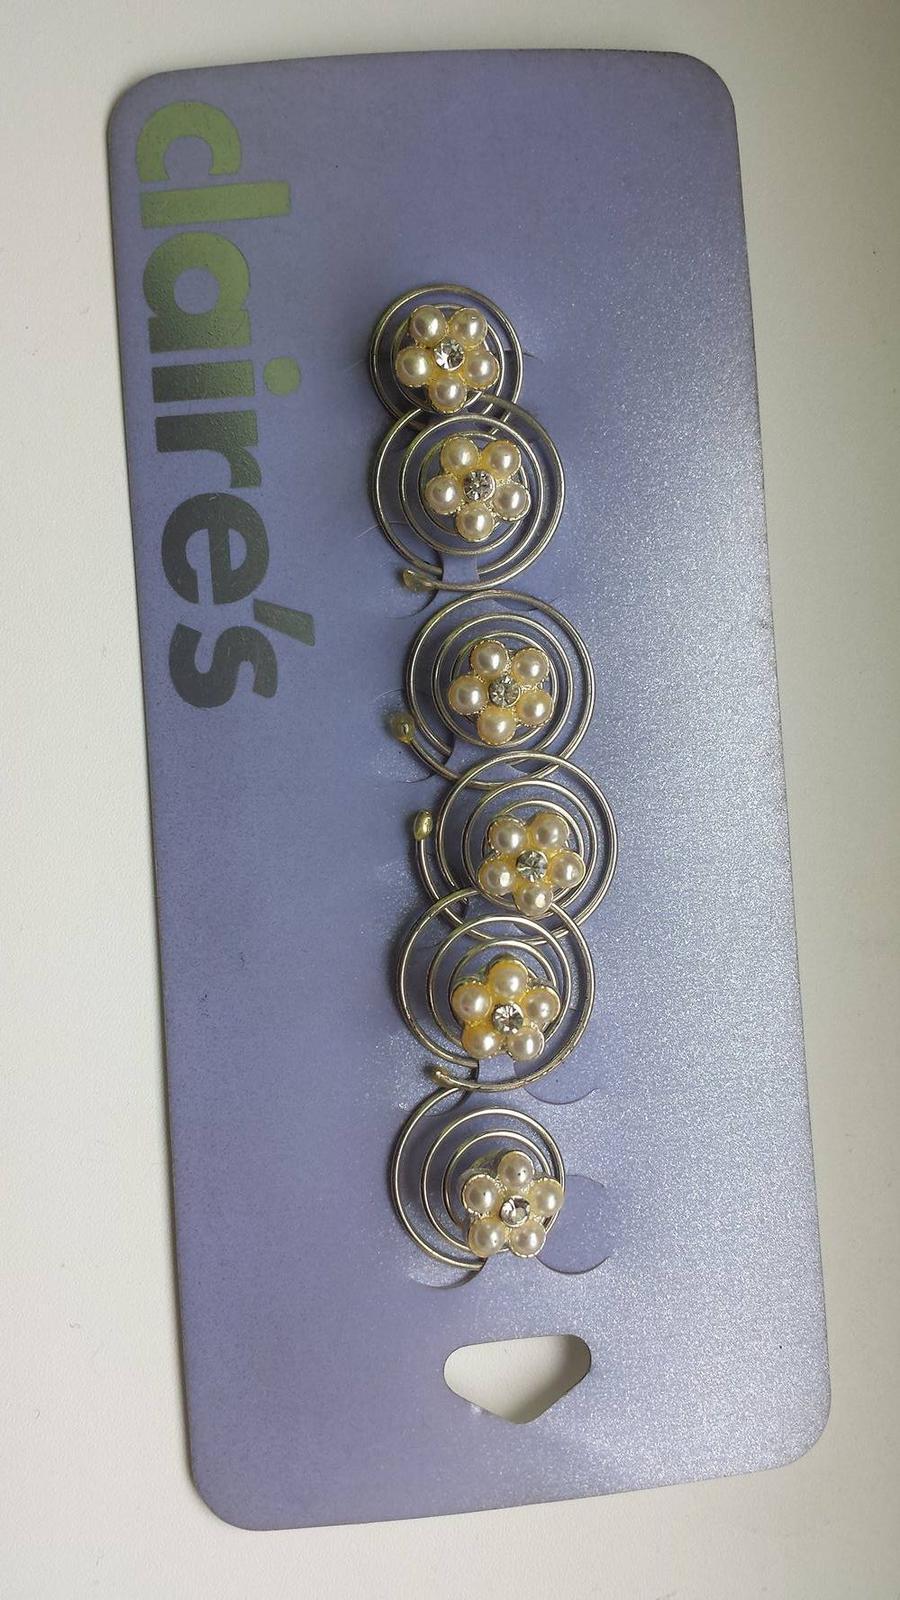 Spiralky do vlasov perlickove kvetinky 6ks - Obrázok č. 1